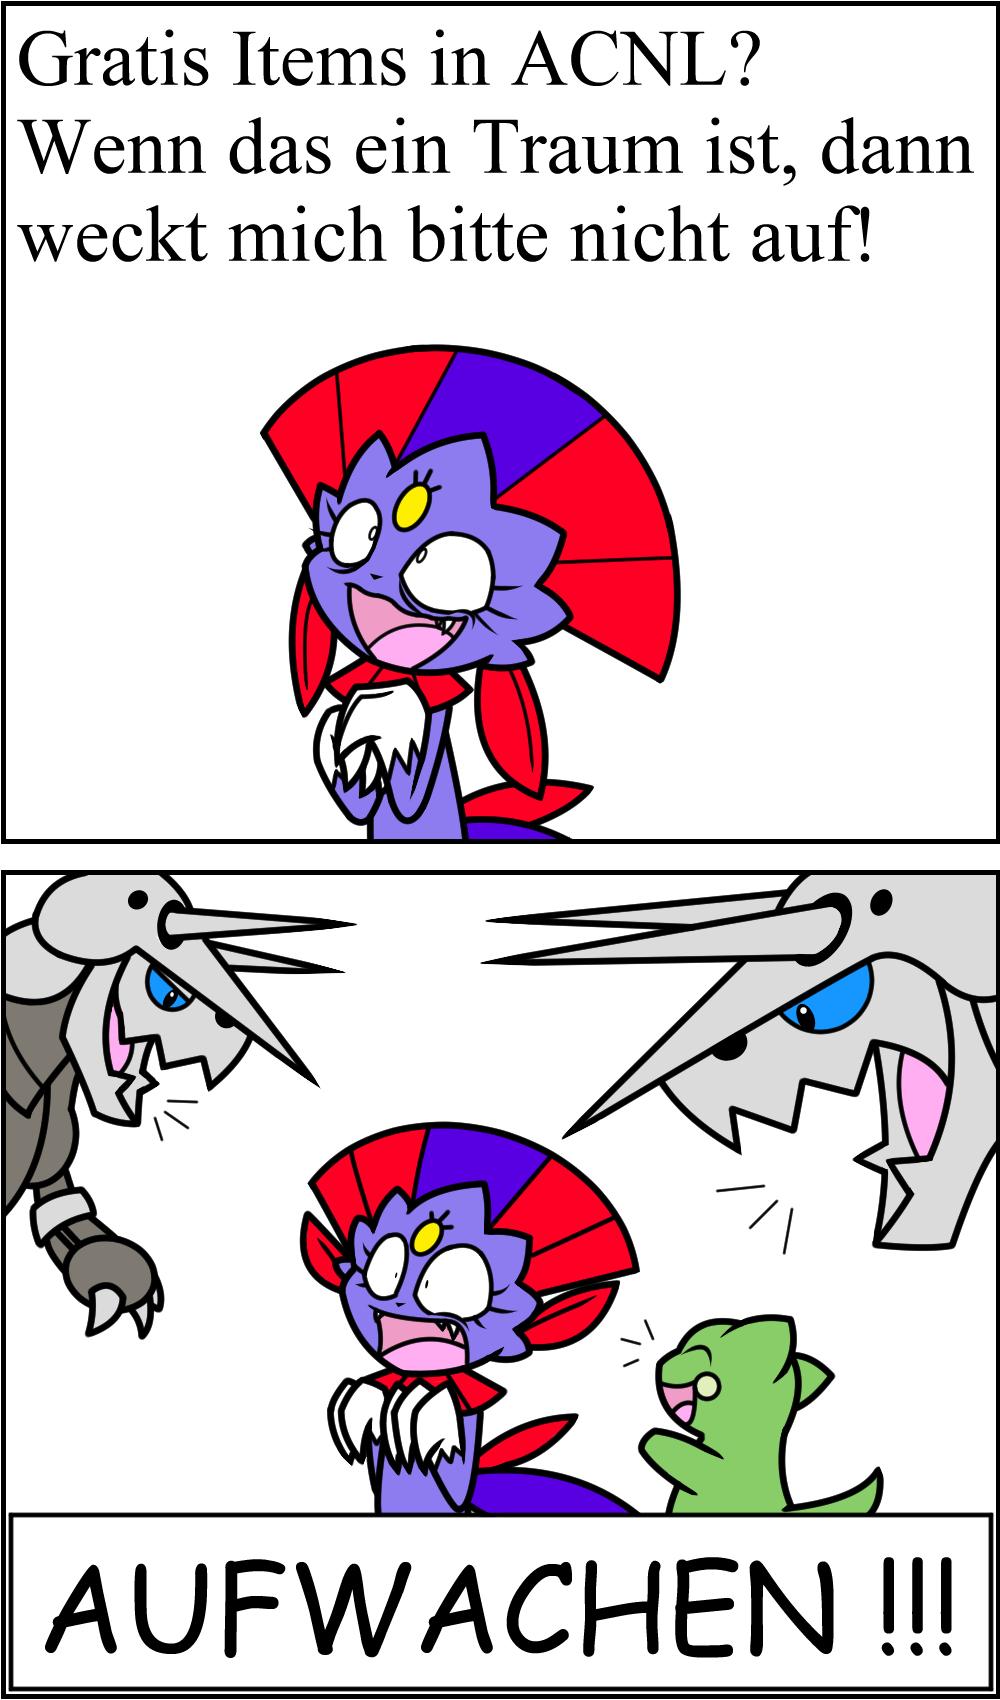 Pokémon-Zeichnung: Don't wake Weavile